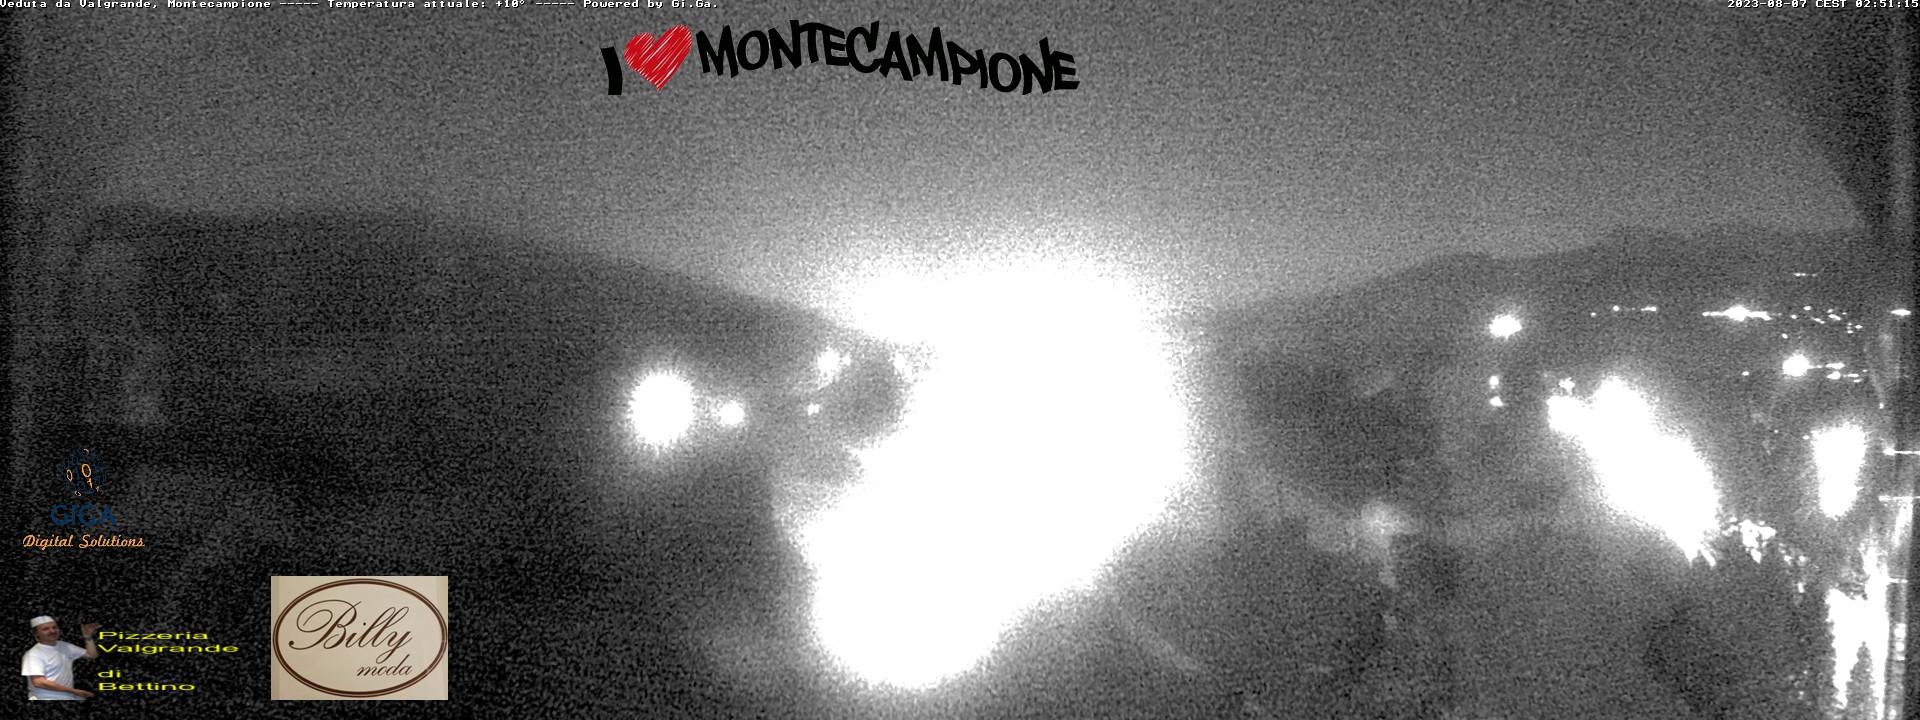 Webcam Montecampione